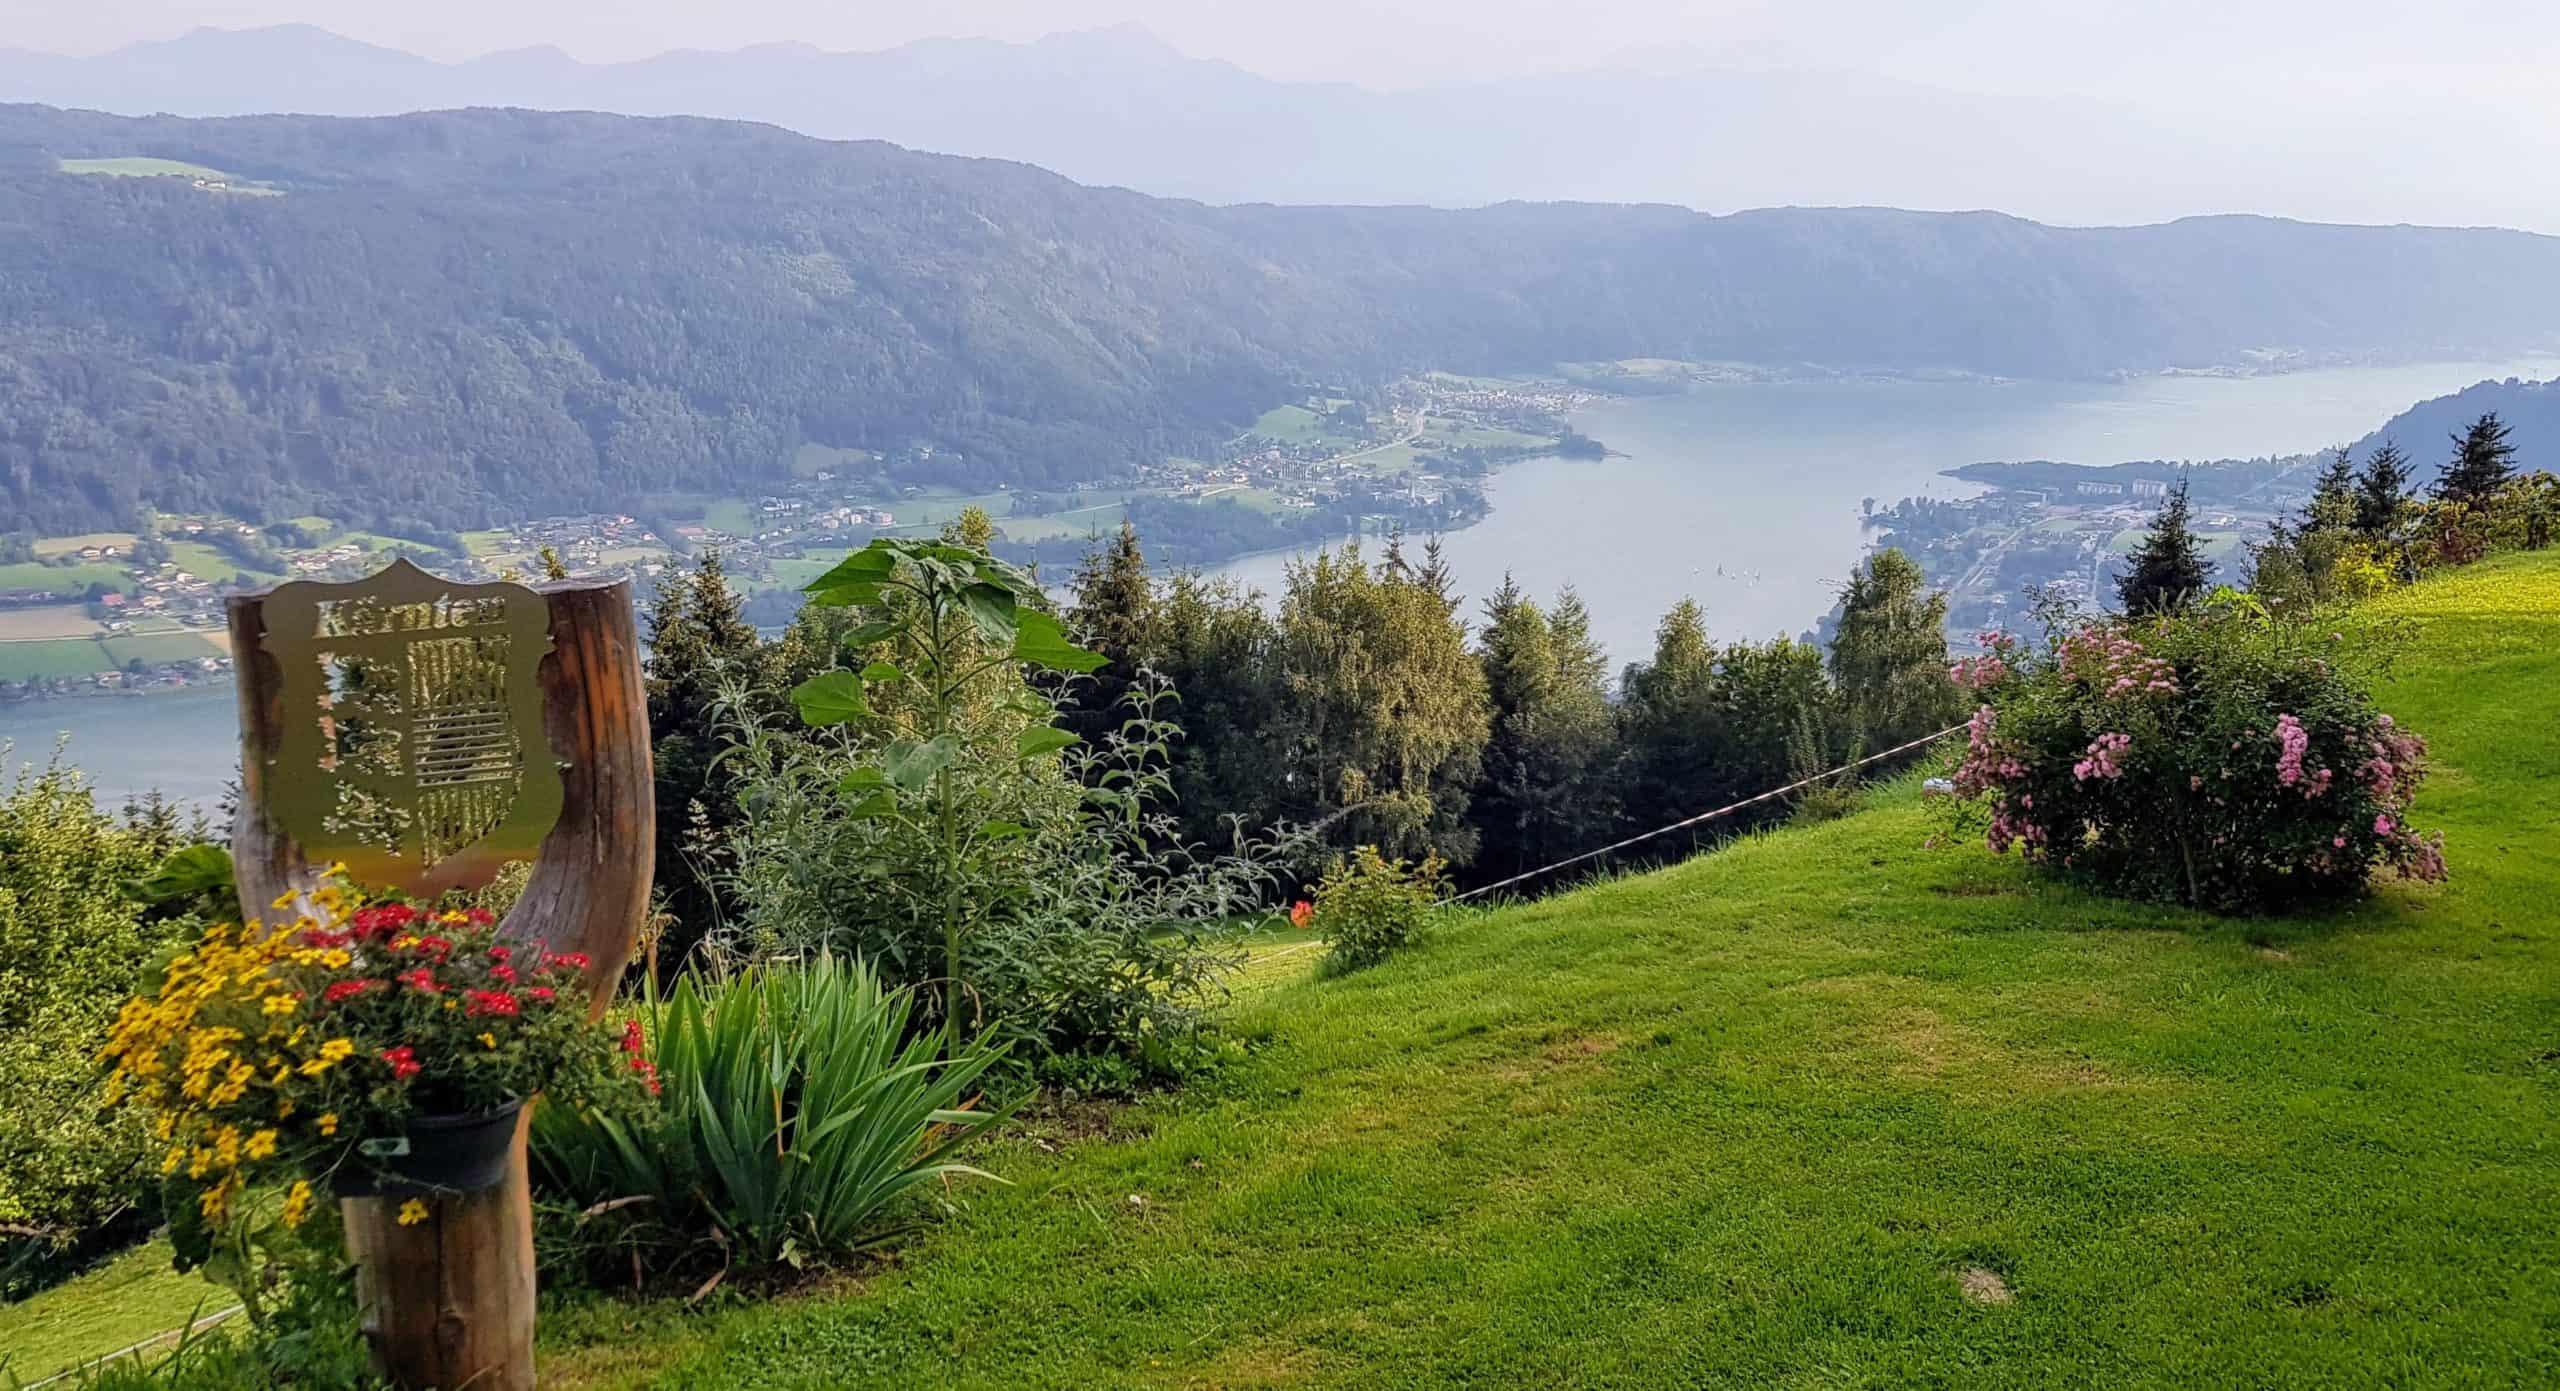 Familienausflug auf den Ossiachberg mit Blick auf den Ossiacher See und die Julischen Alpen in der Urlaubsregion Villach in Österreich